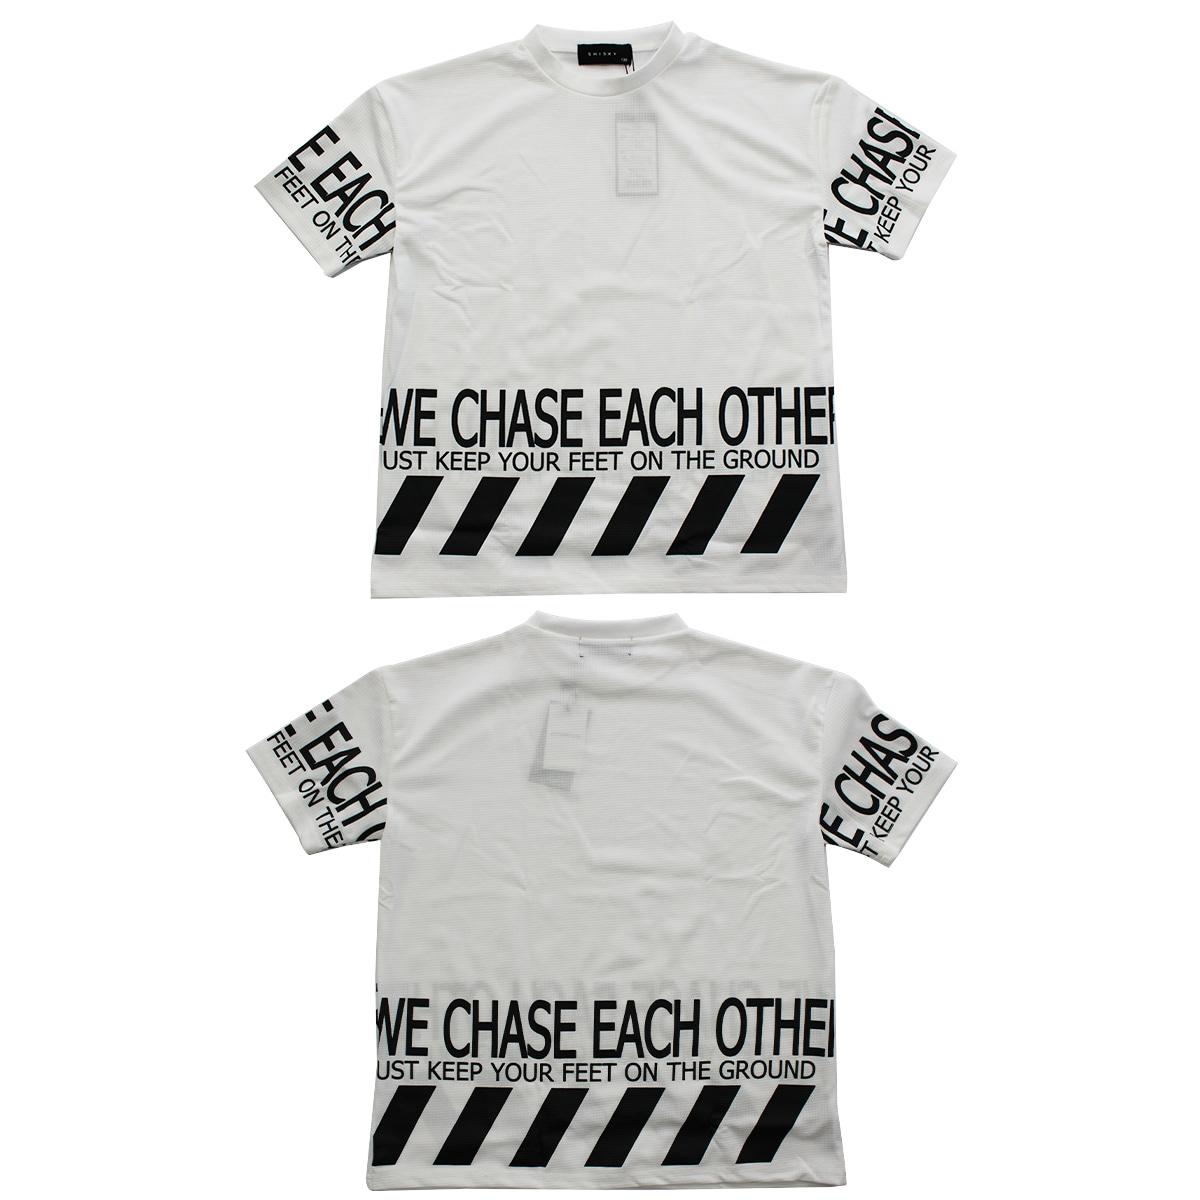 SHISKYワッフル素材半袖Tシャツ×レギンスセットアップ トップス 白